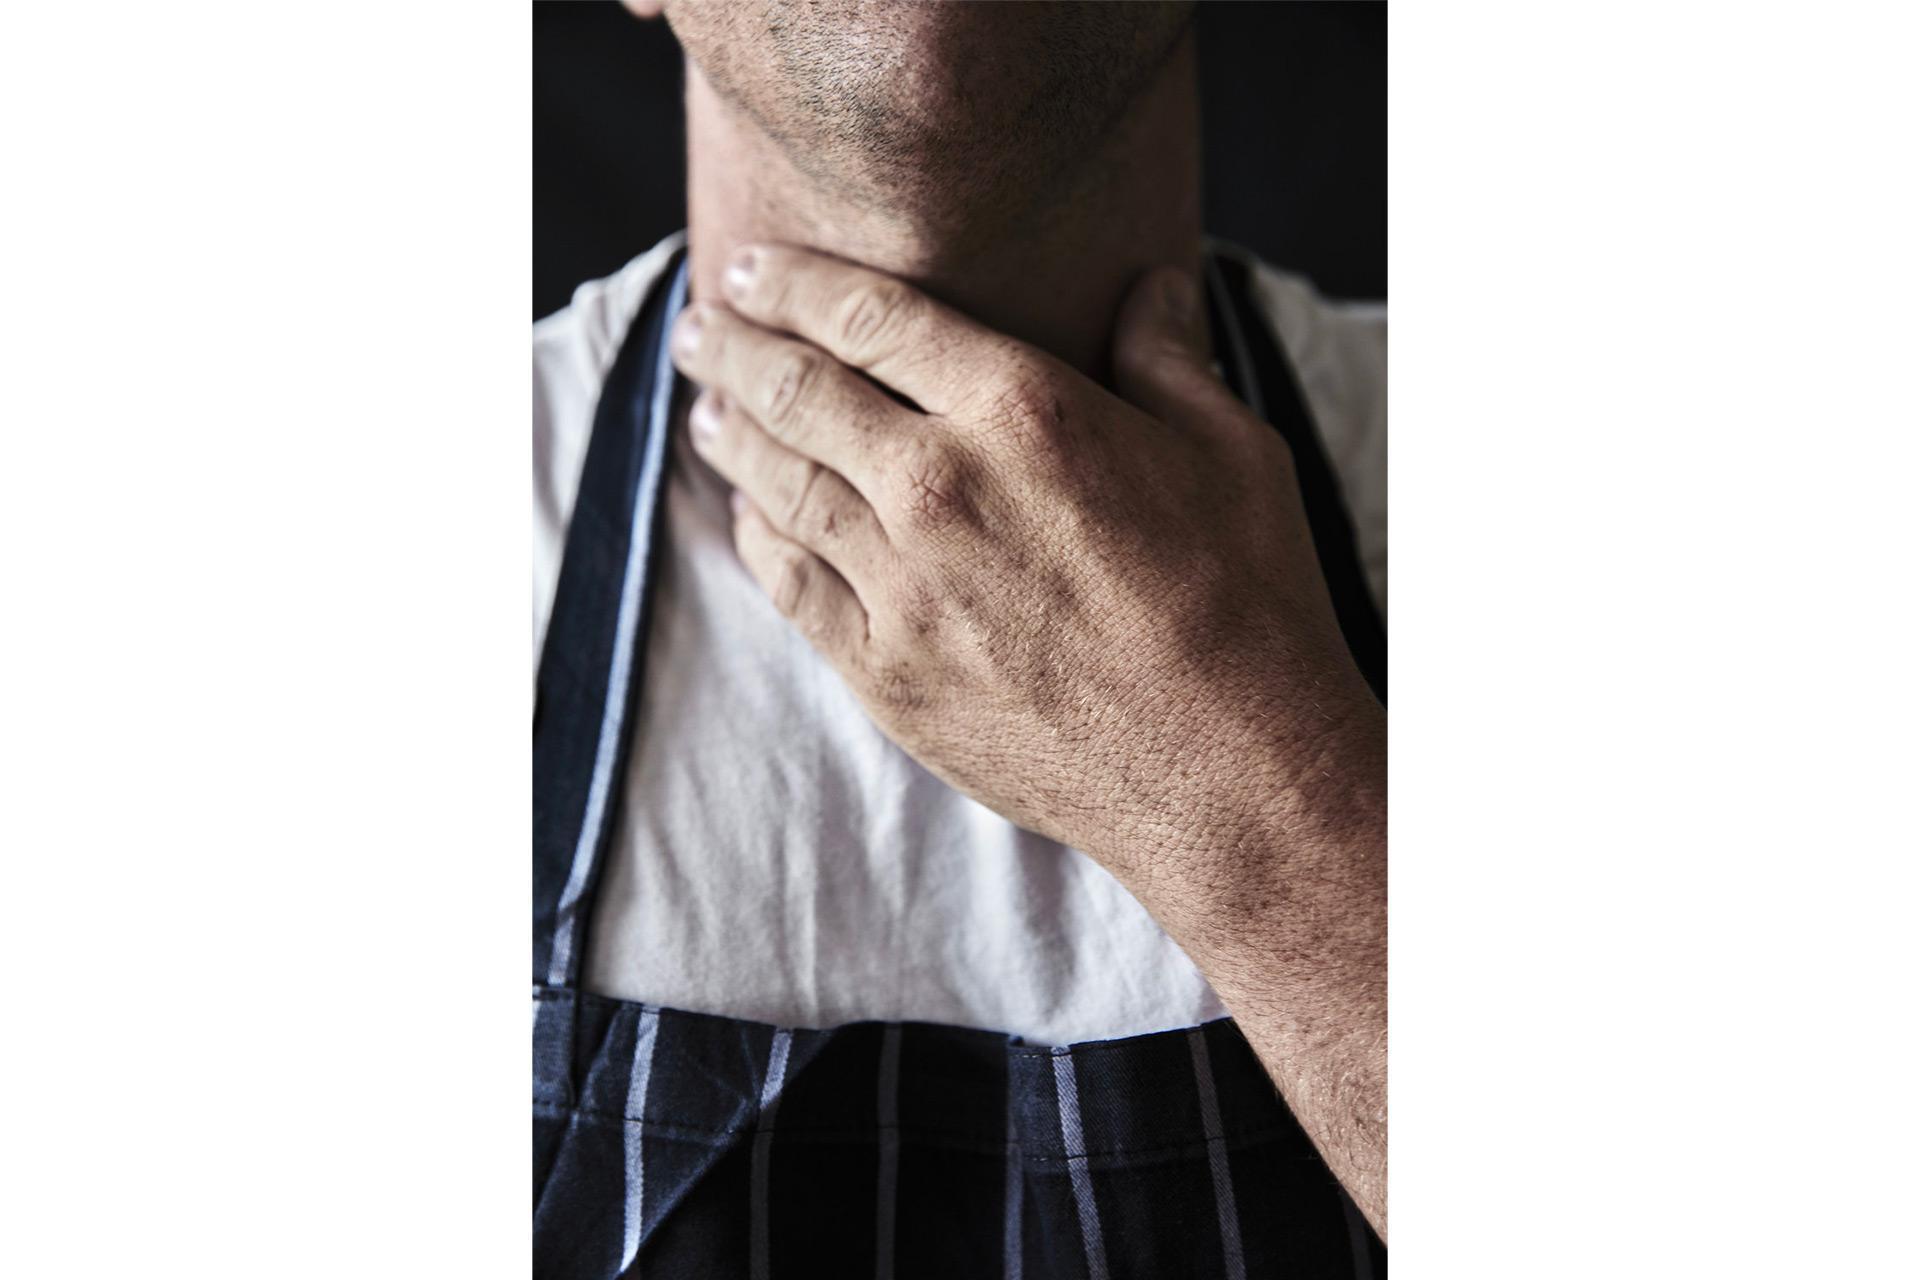 Chef's Hands - Photo : Joakim Blockstrom